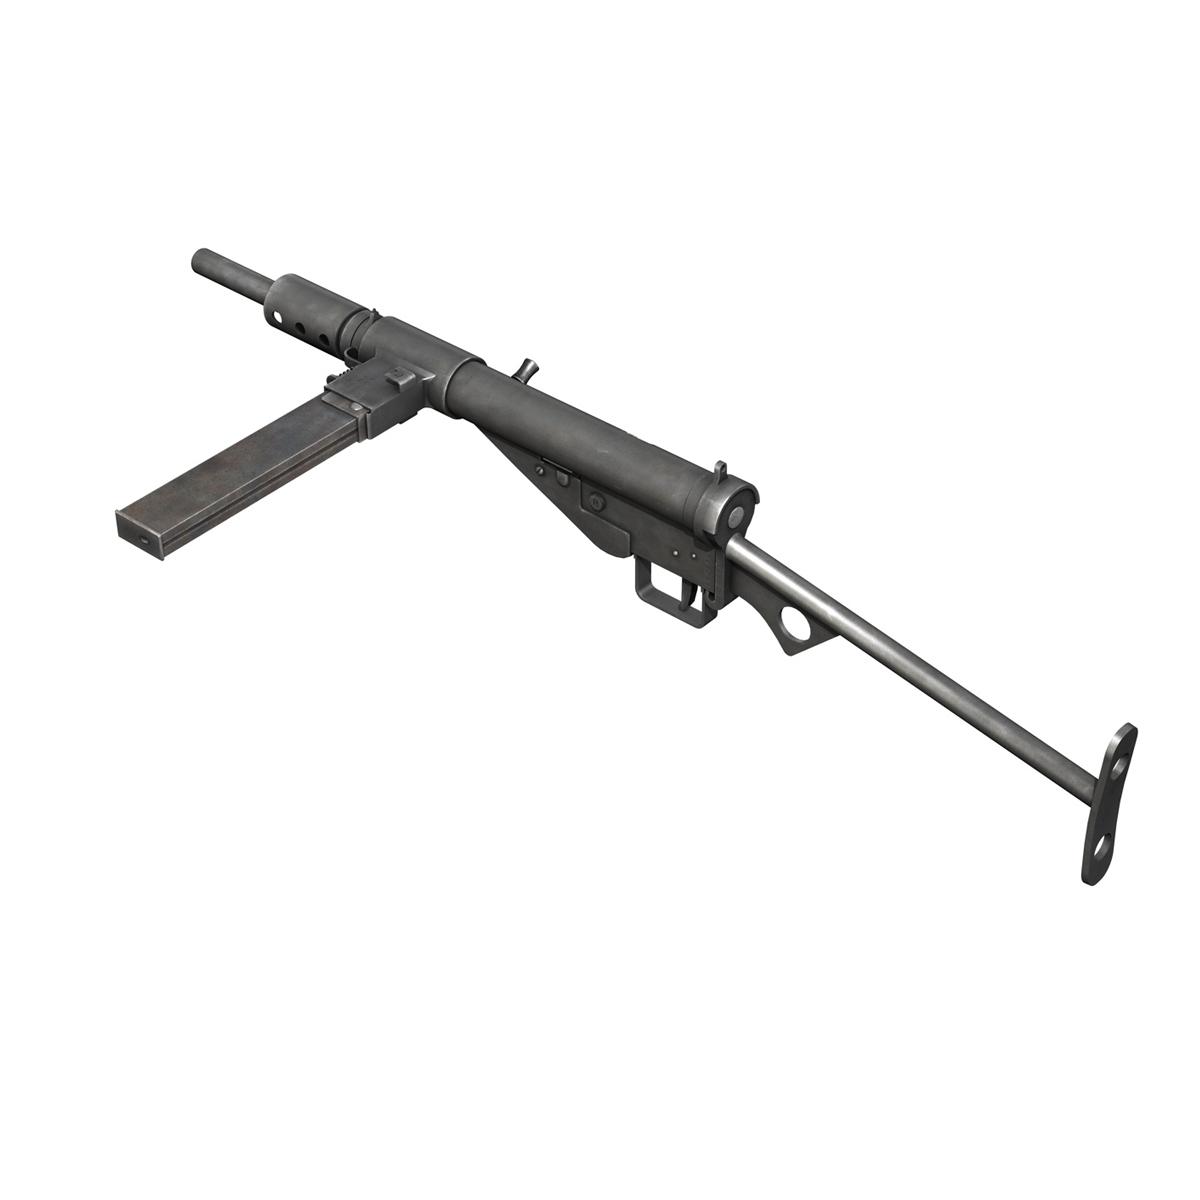 sten submachine gun – collection 3d model 3ds fbx c4d lwo obj 199299